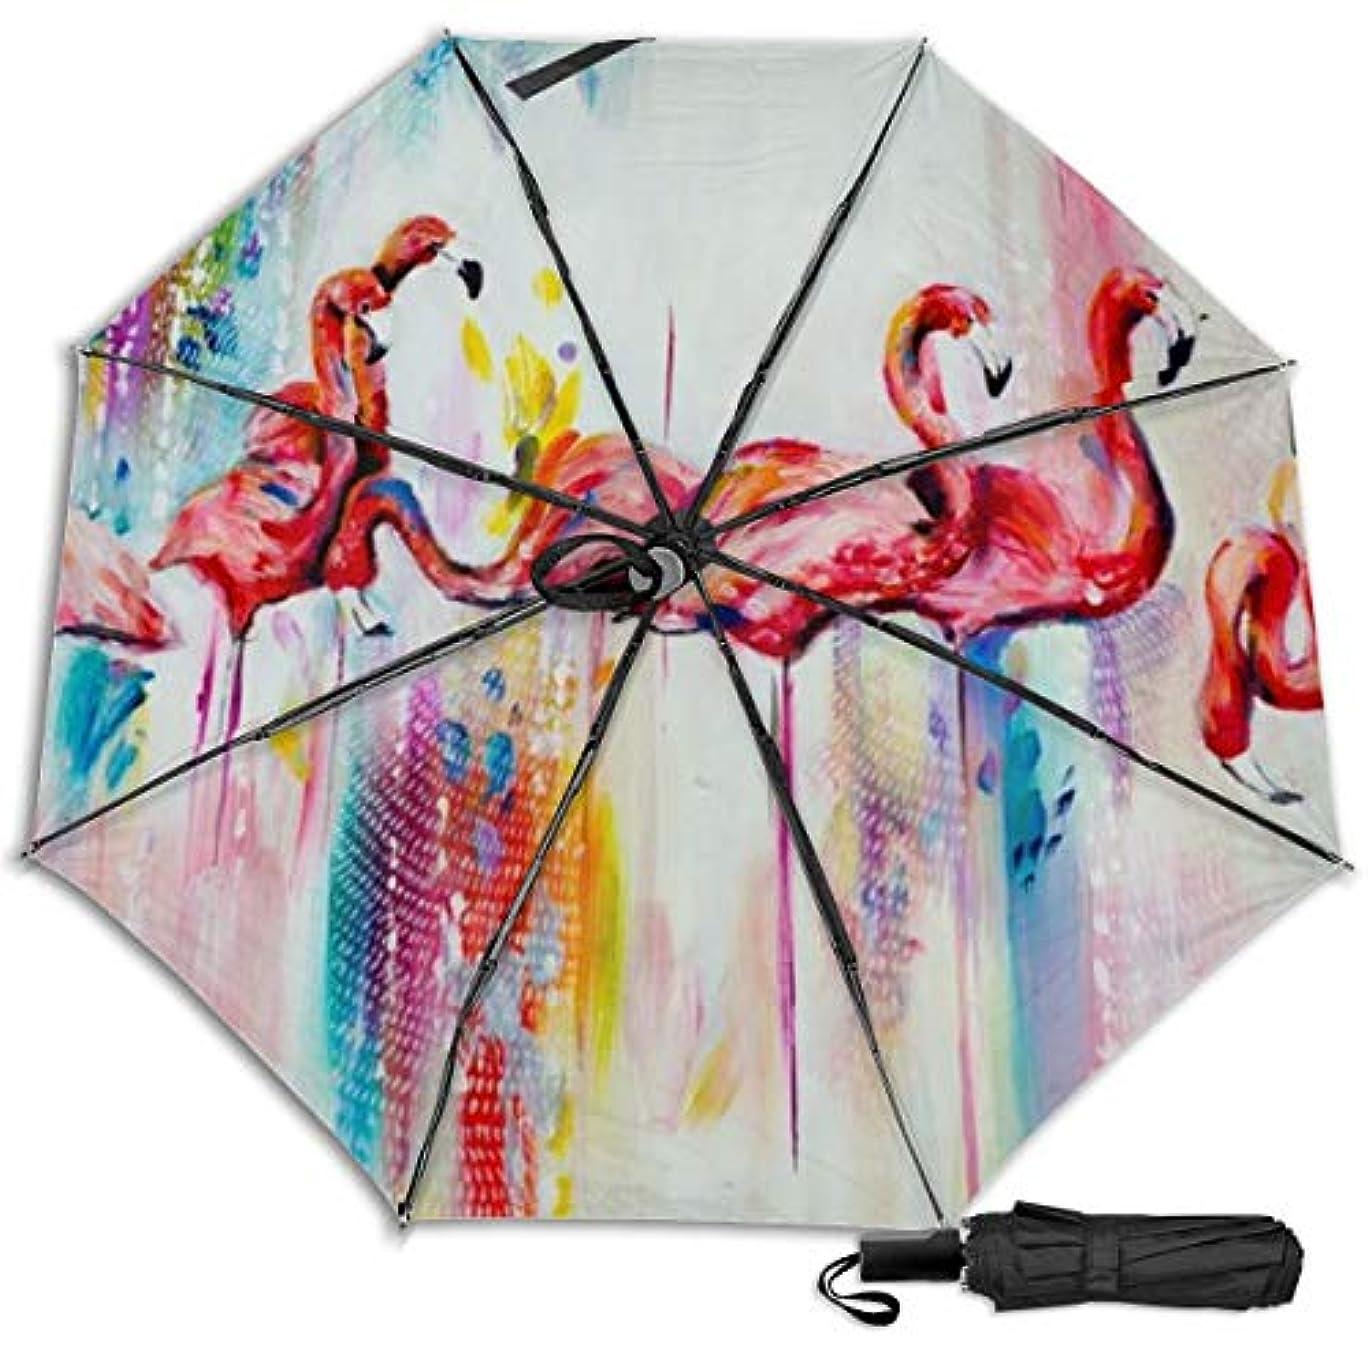 旅行者対応オープナーフラミンゴ日傘 折りたたみ日傘 折り畳み日傘 超軽量 遮光率100% UVカット率99.9% UPF50+ 紫外線対策 遮熱効果 晴雨兼用 携帯便利 耐風撥水 手動 男女兼用